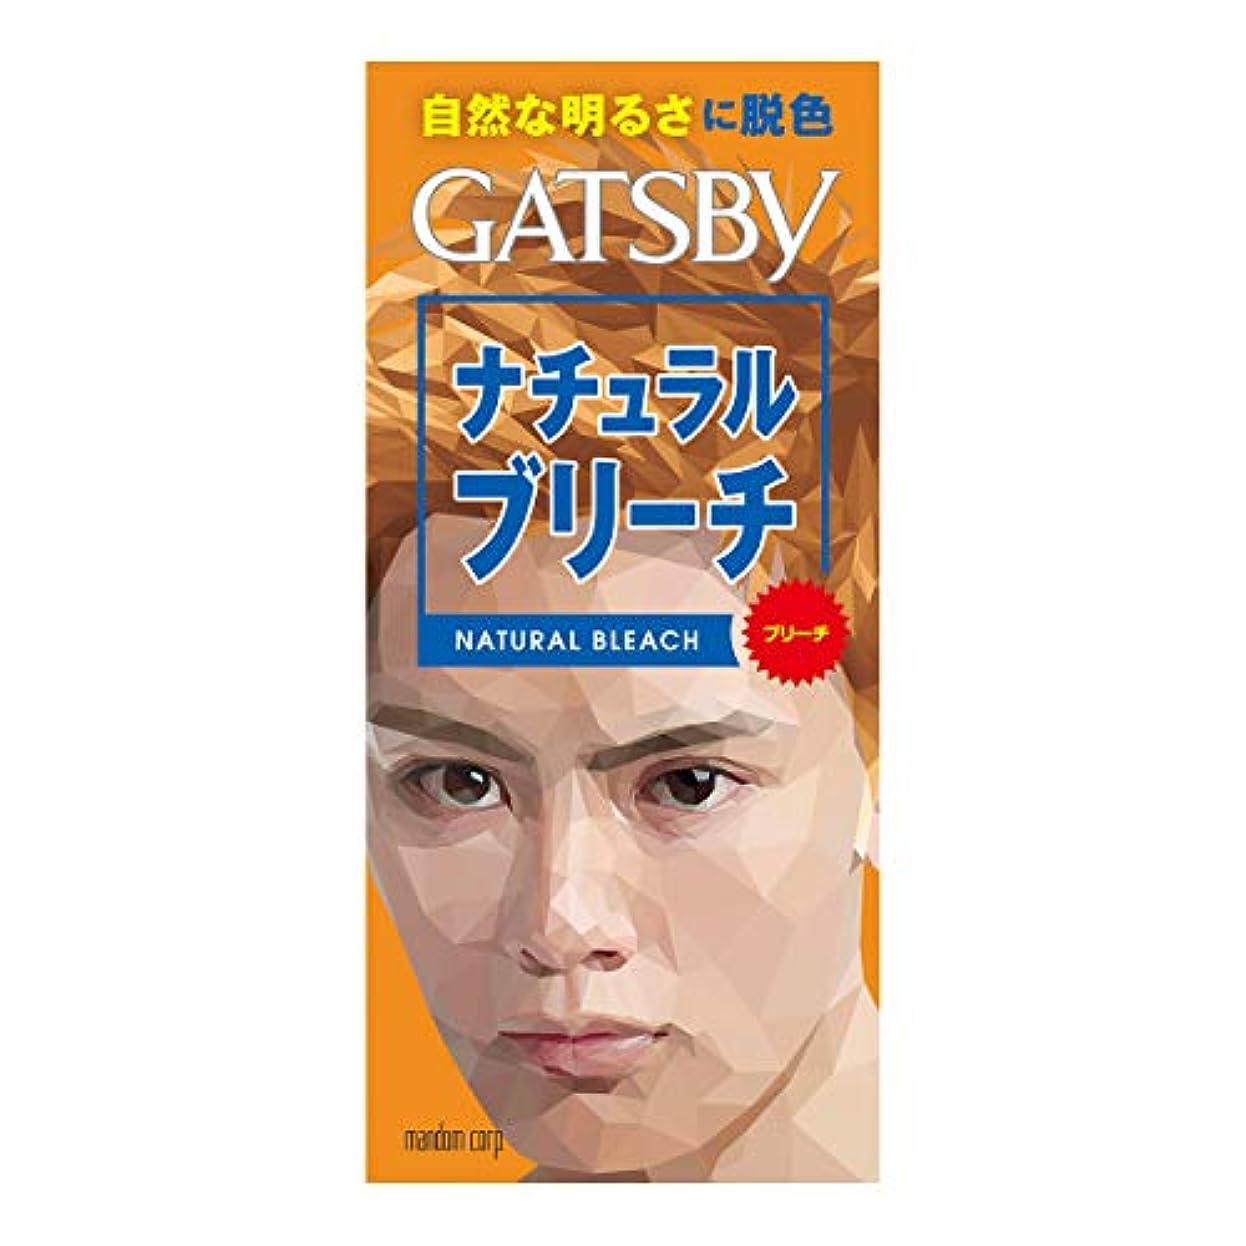 ジャム殺人者叫ぶギャツビー ナチュラルブリーチ 【HTRC5.1】